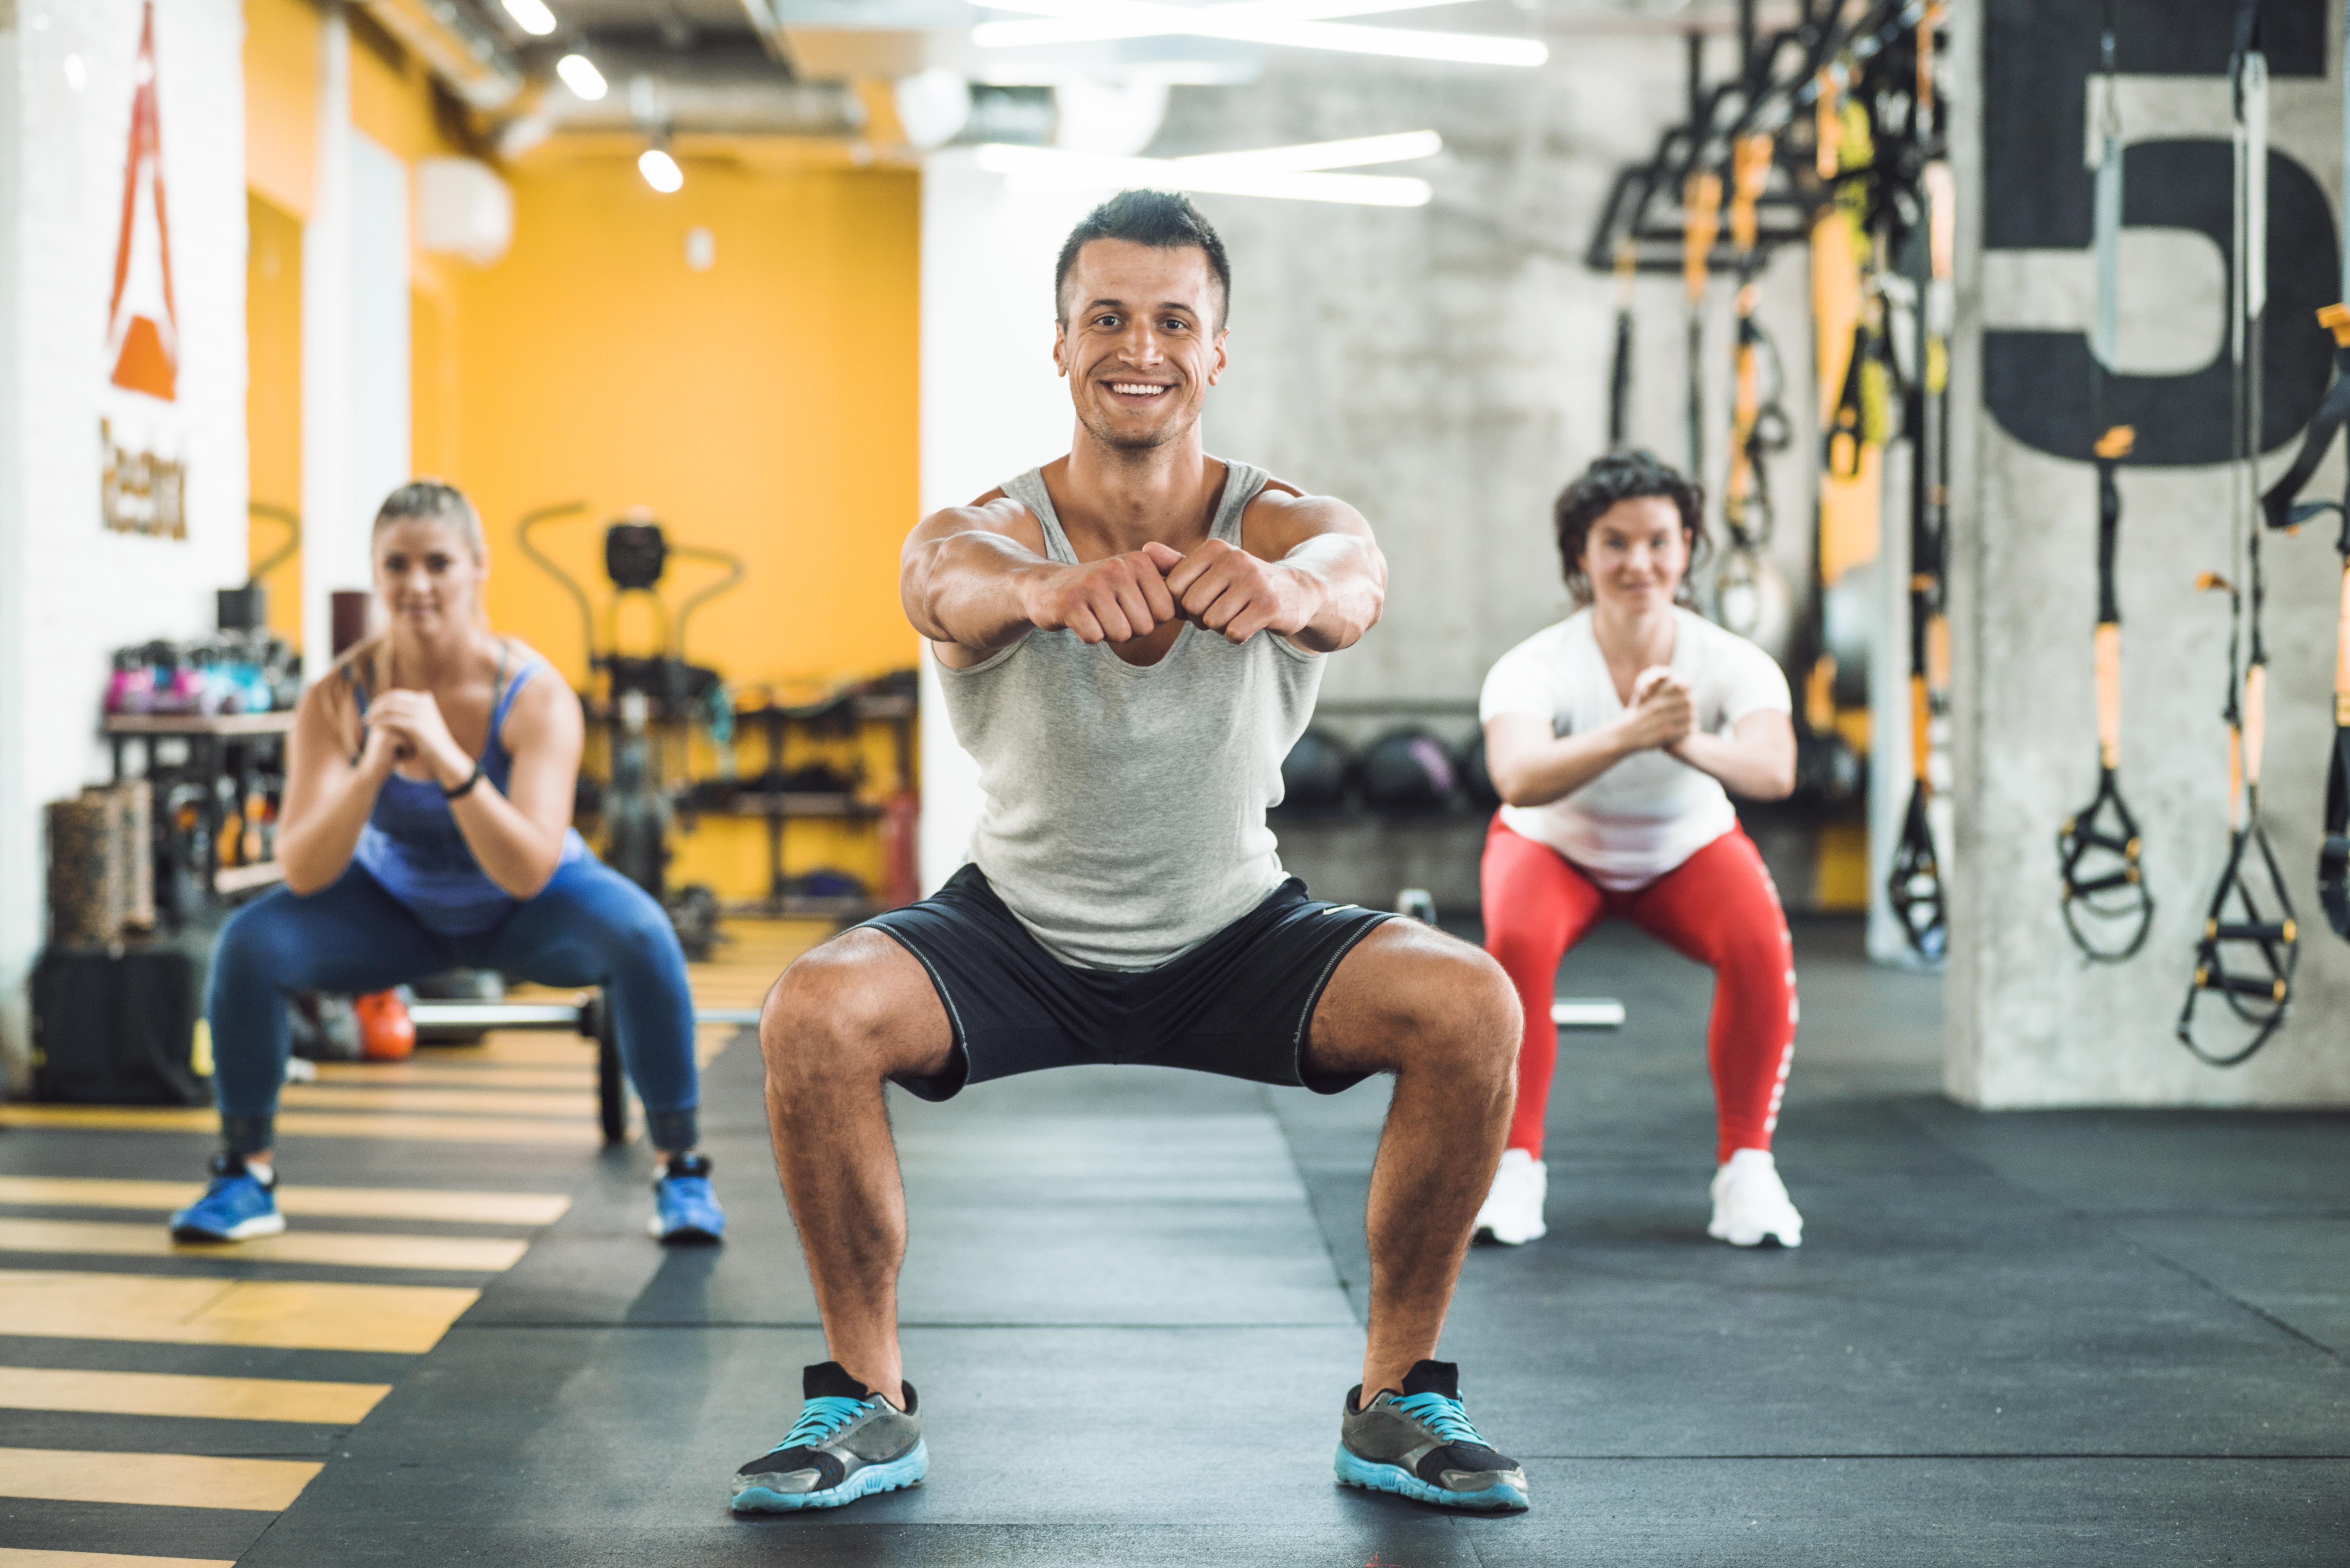 Mýty zo sveta fitness, ktorým treba konečne prestať veriť